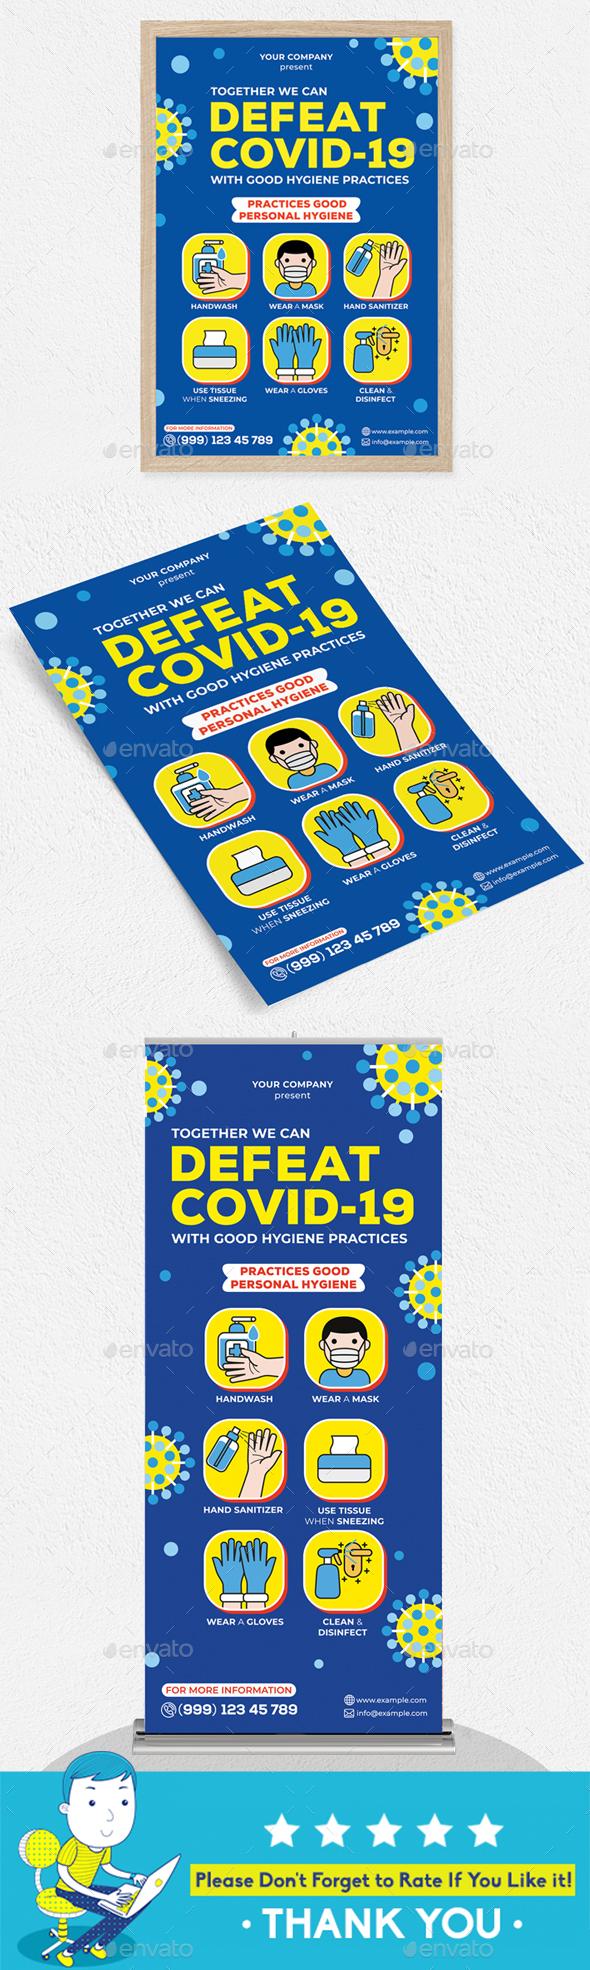 Defeat Covid-19 Campaign